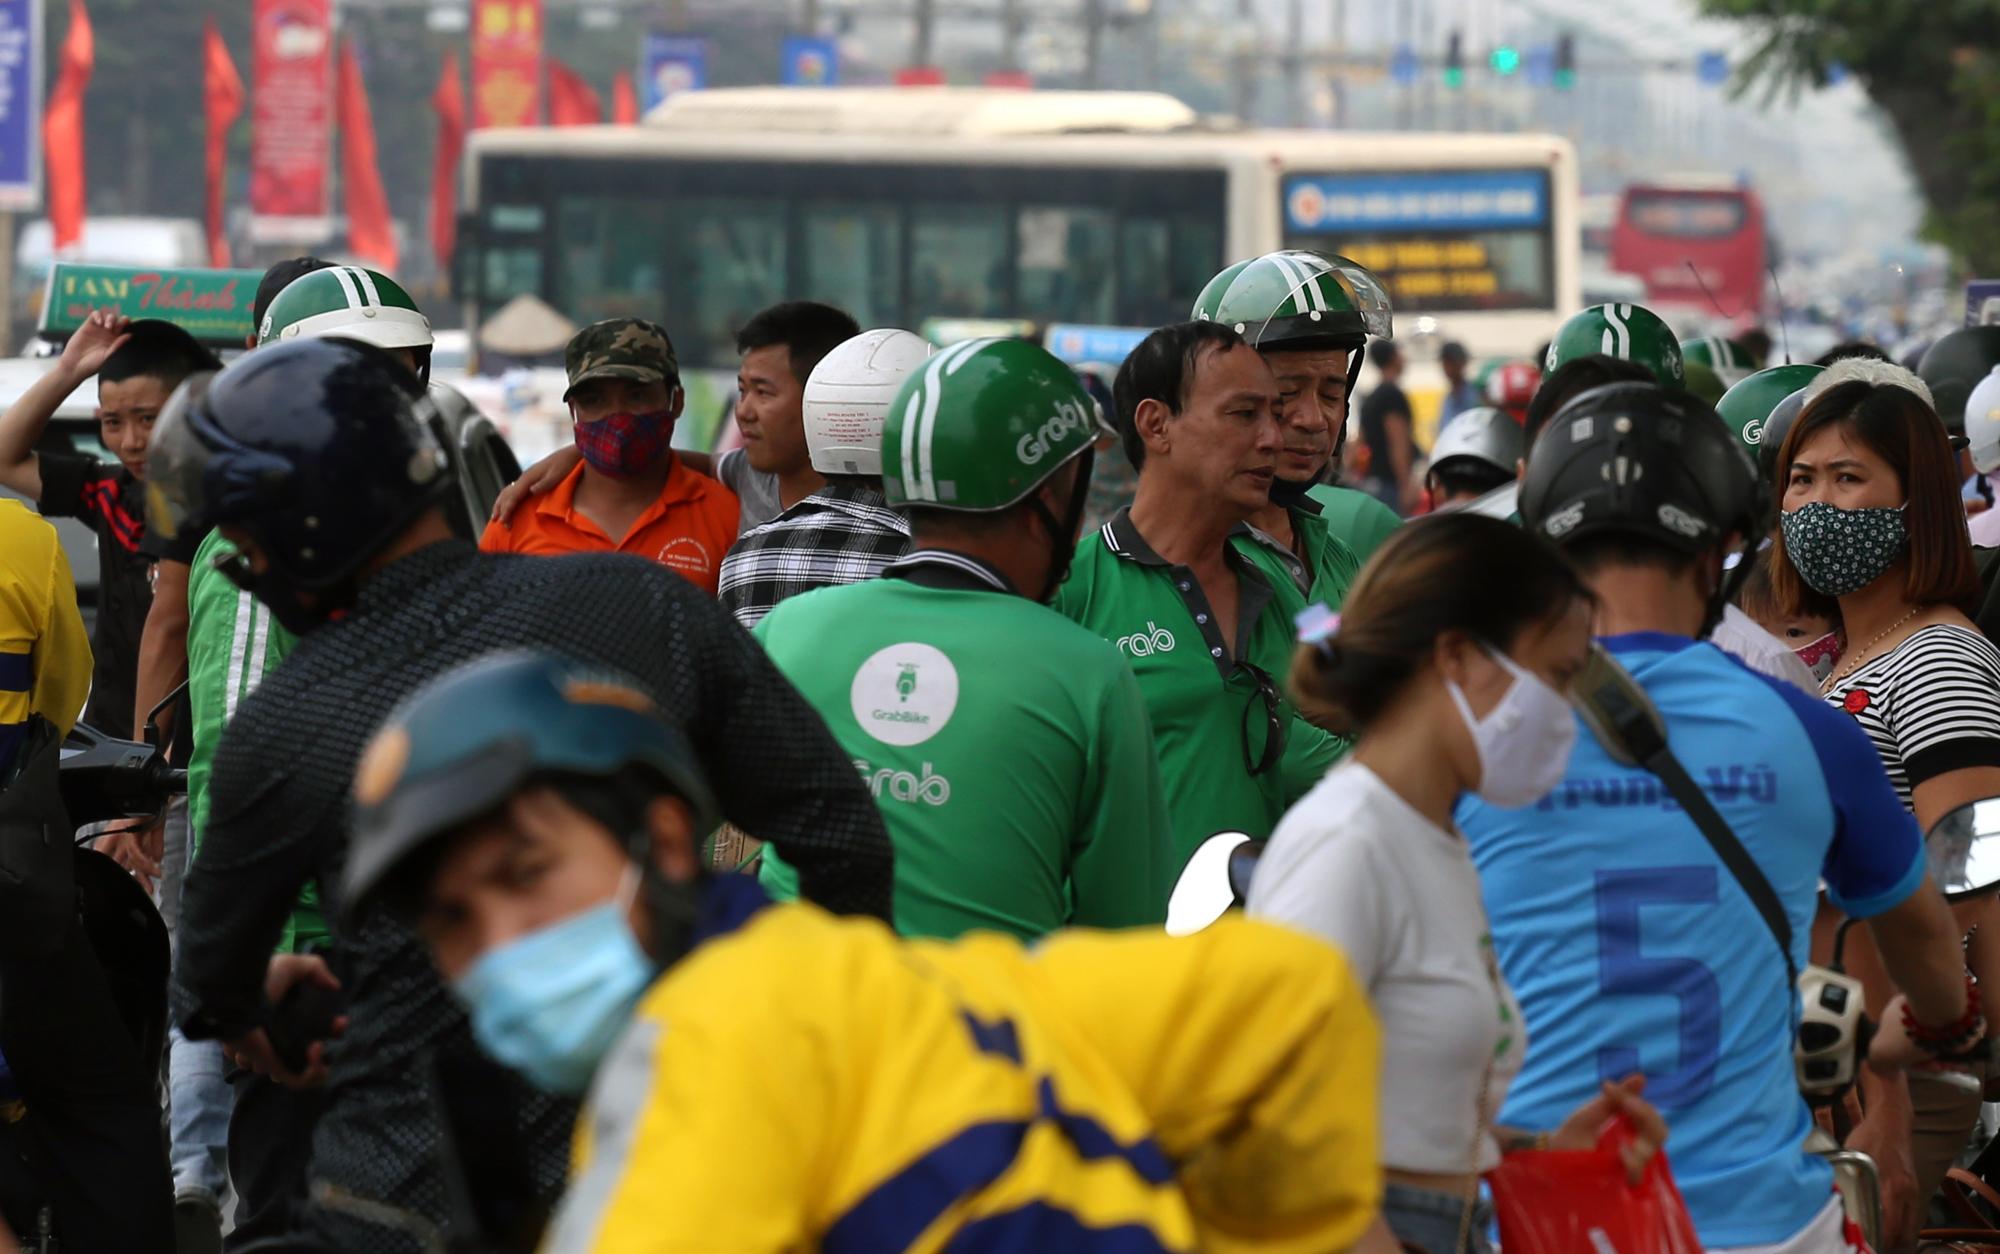 Vận tải khách trở lại bình thường, bến xe ở Hà Nội vẫn vắng vẻ - Ảnh 21.